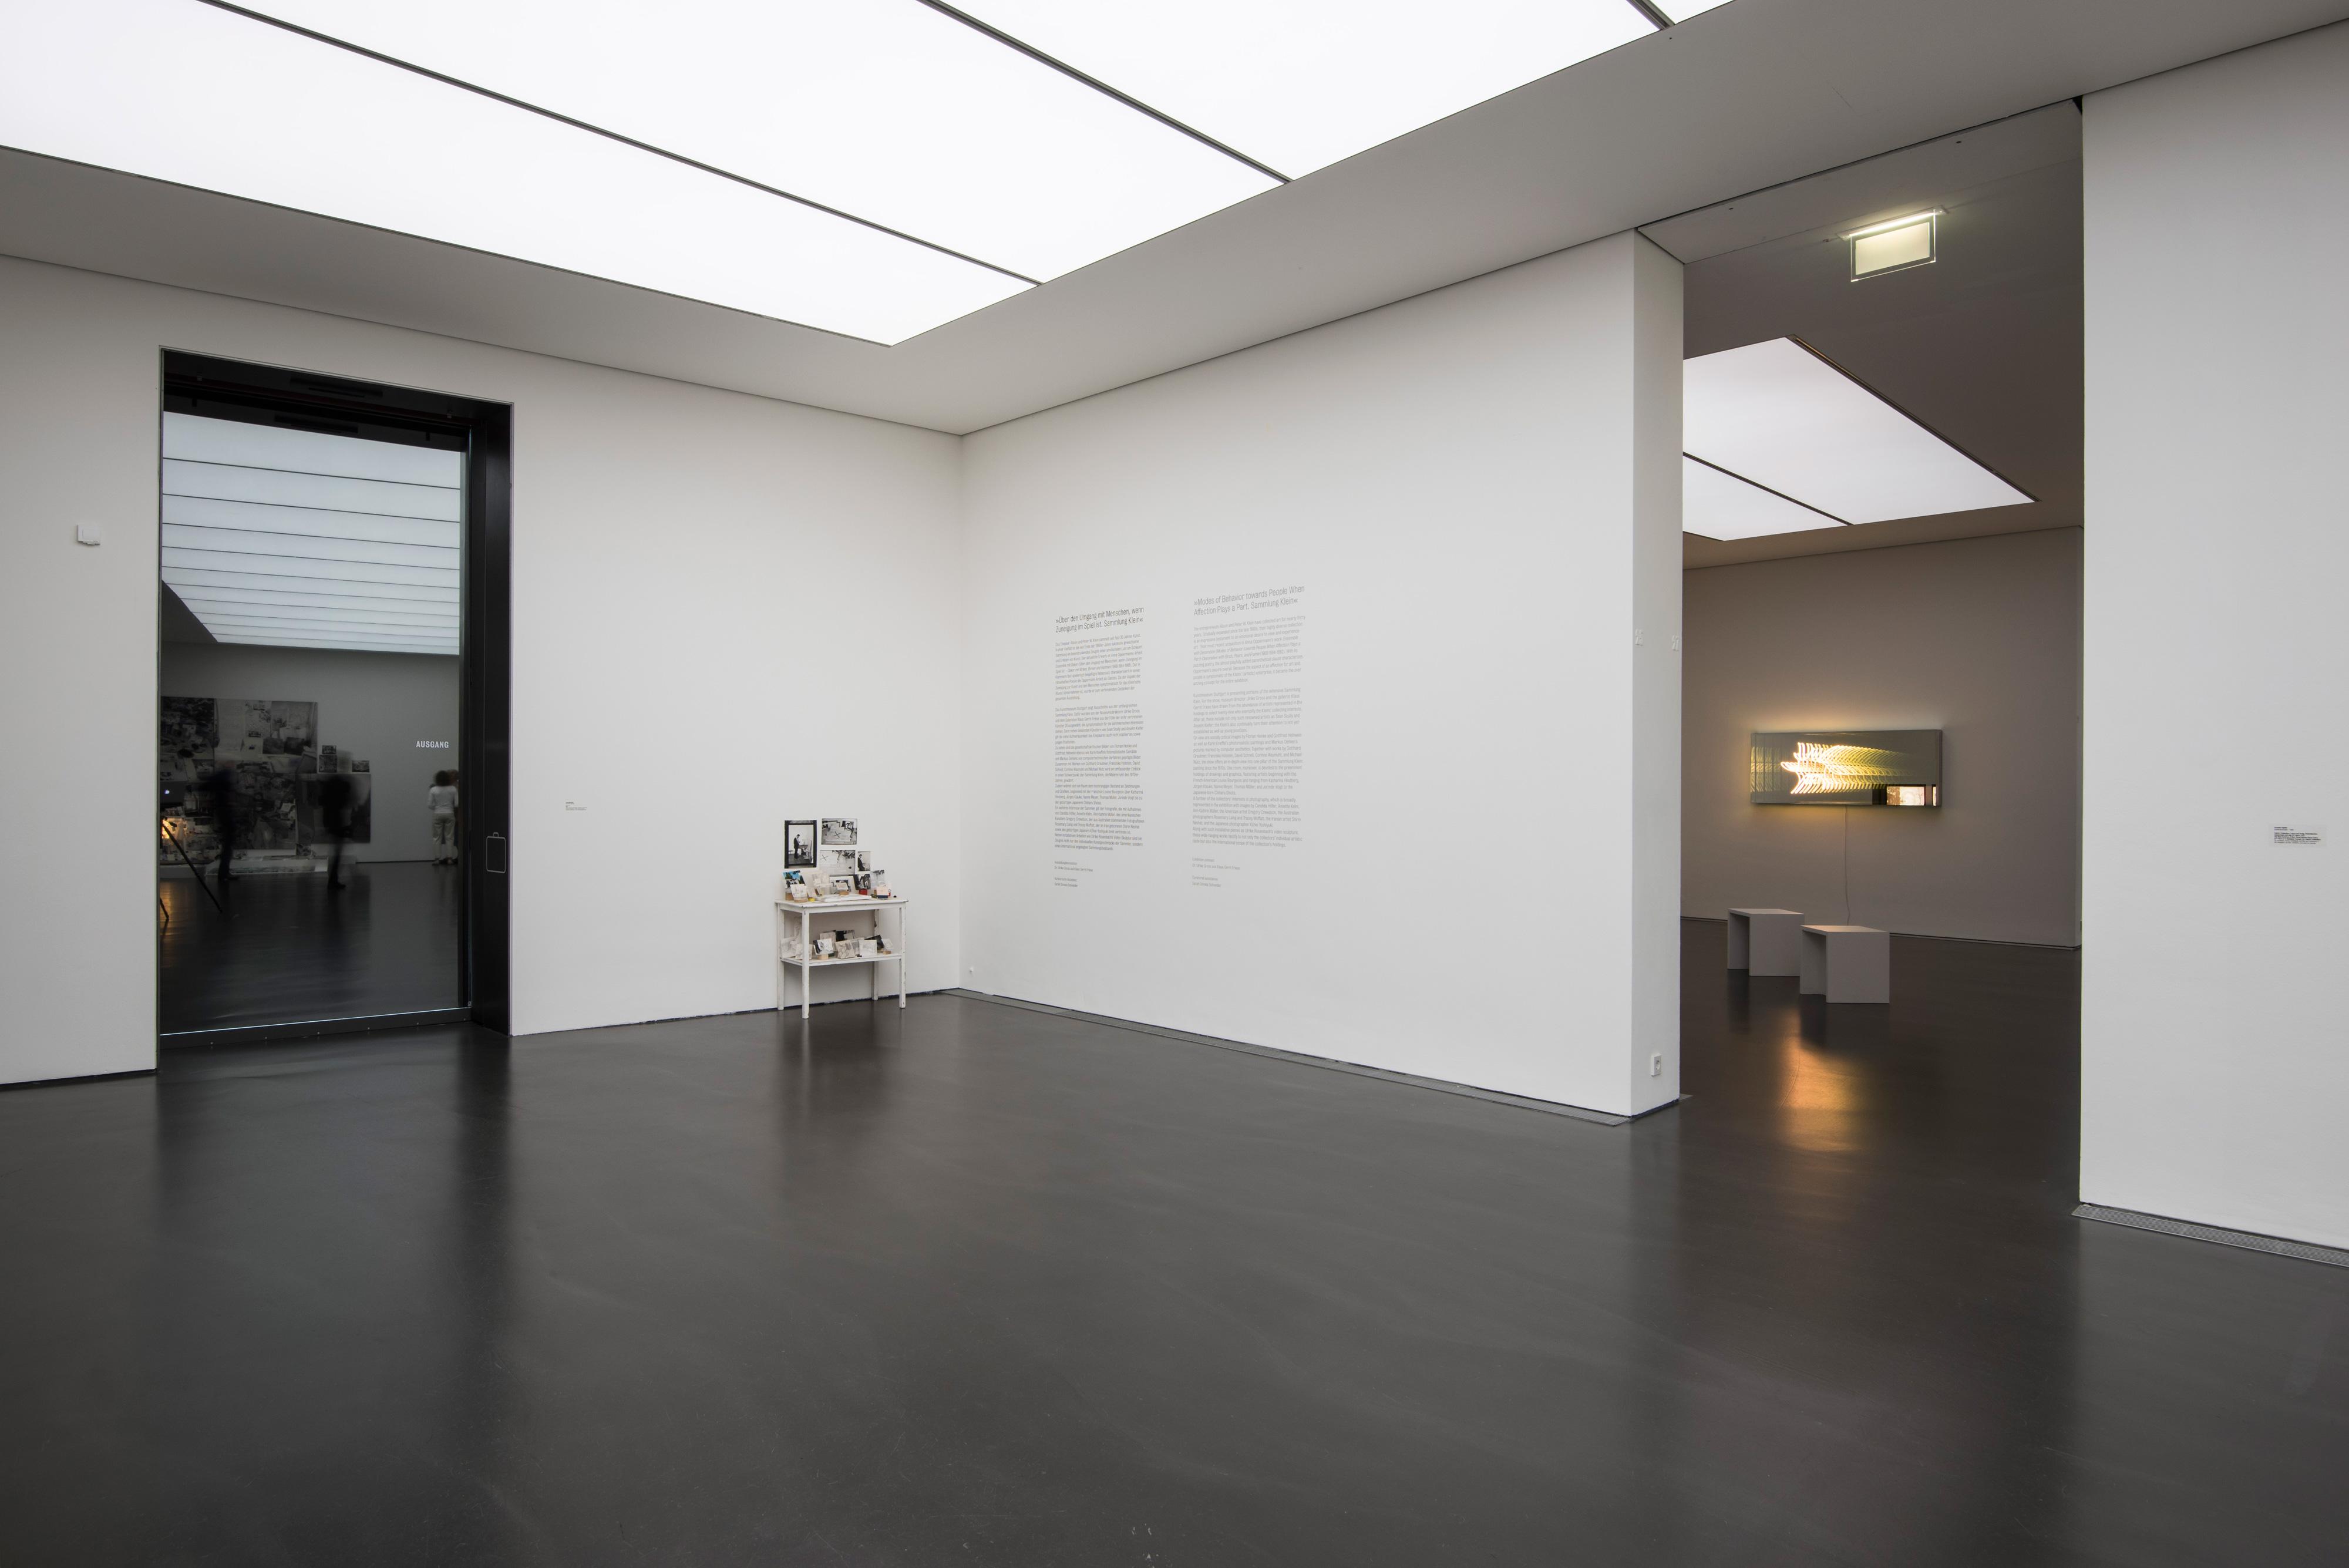 Galerie Barbara Thumm \ Anna Oppermann – Über den Umgang mit Menschen, wenn Zuneigung im Spiel ist.